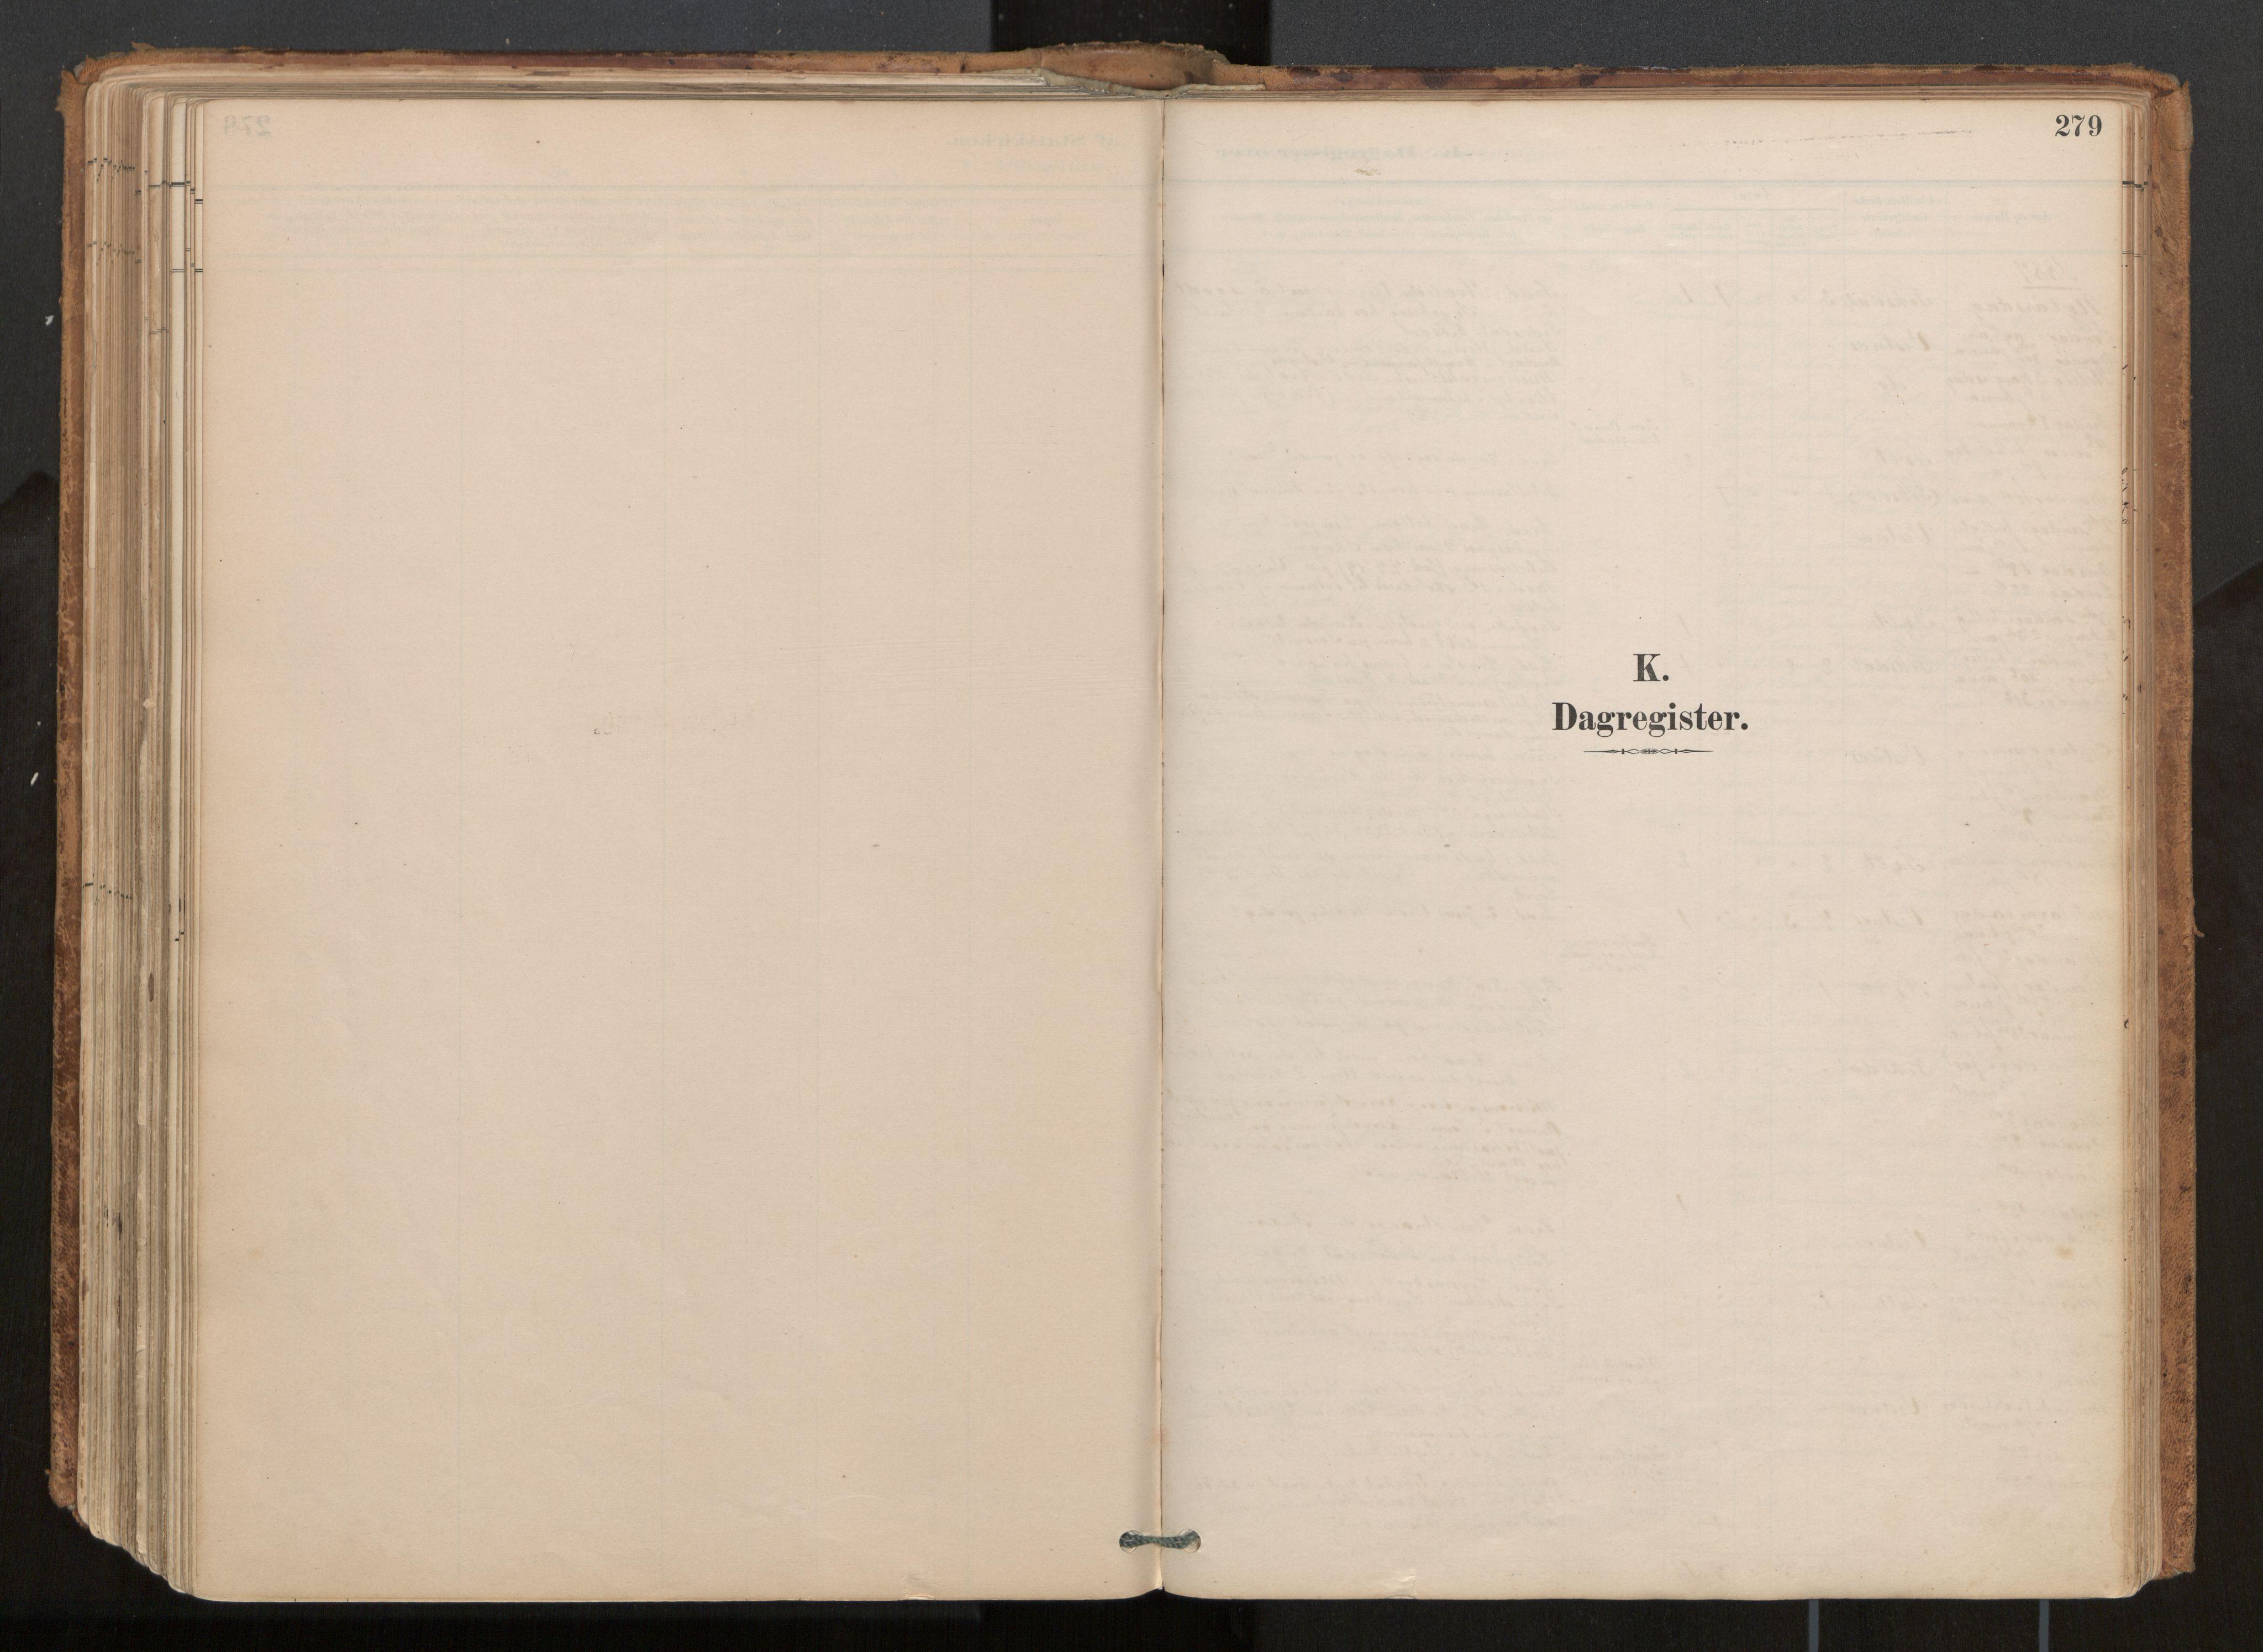 SAT, Ministerialprotokoller, klokkerbøker og fødselsregistre - Møre og Romsdal, 539/L0531: Ministerialbok nr. 539A04, 1887-1913, s. 279